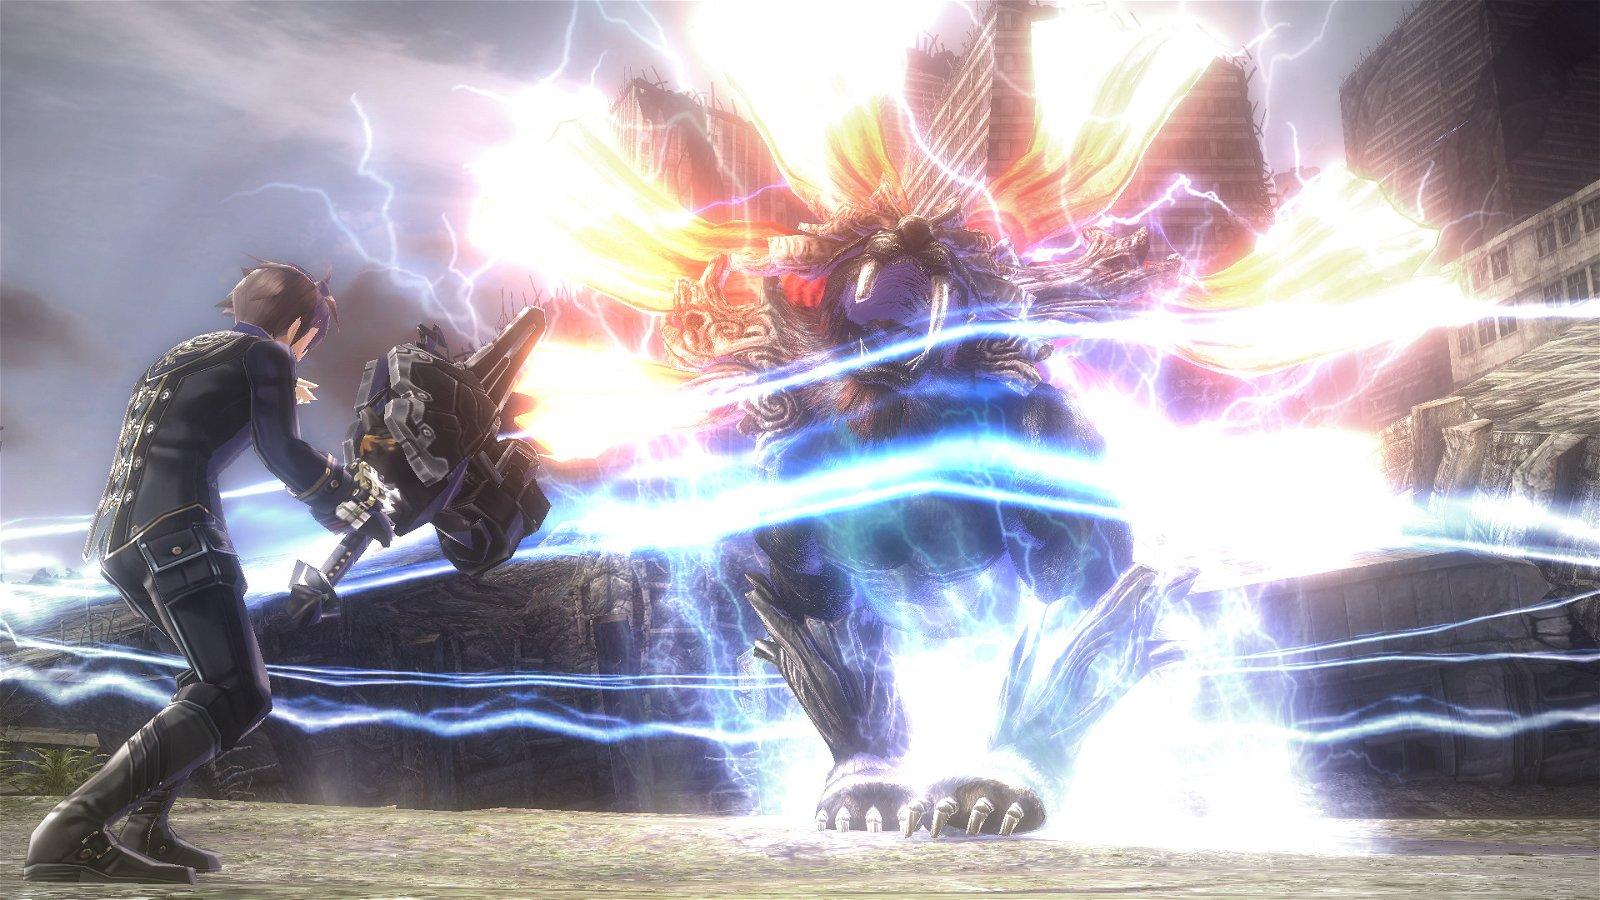 God Eater 2 Rage Burst (Pc) Review 4